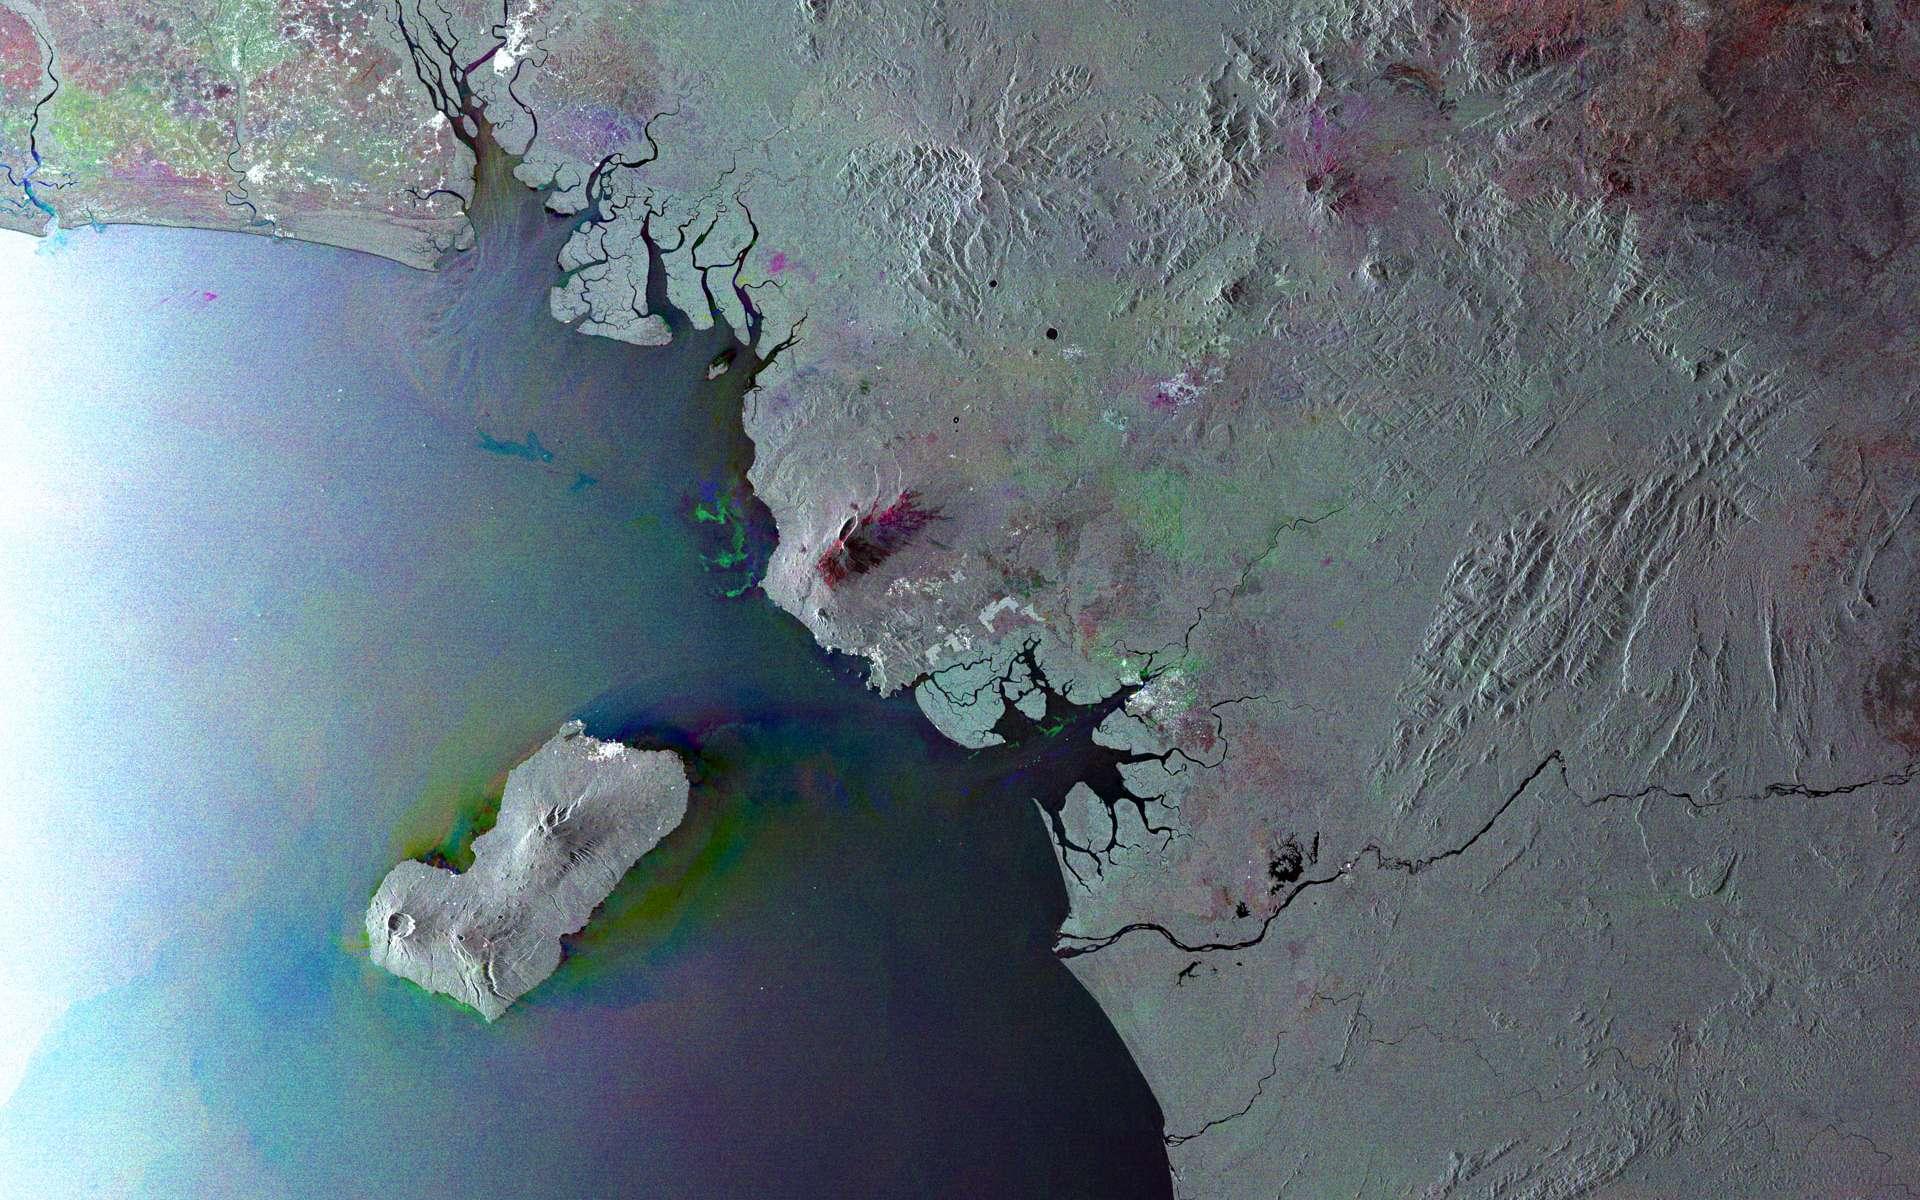 Le golfe de Guinée vu depuis l'espace par le satellite Envisat. Cette image est une compilation de trois clichés pris entre février et avril de cette année. © Esa